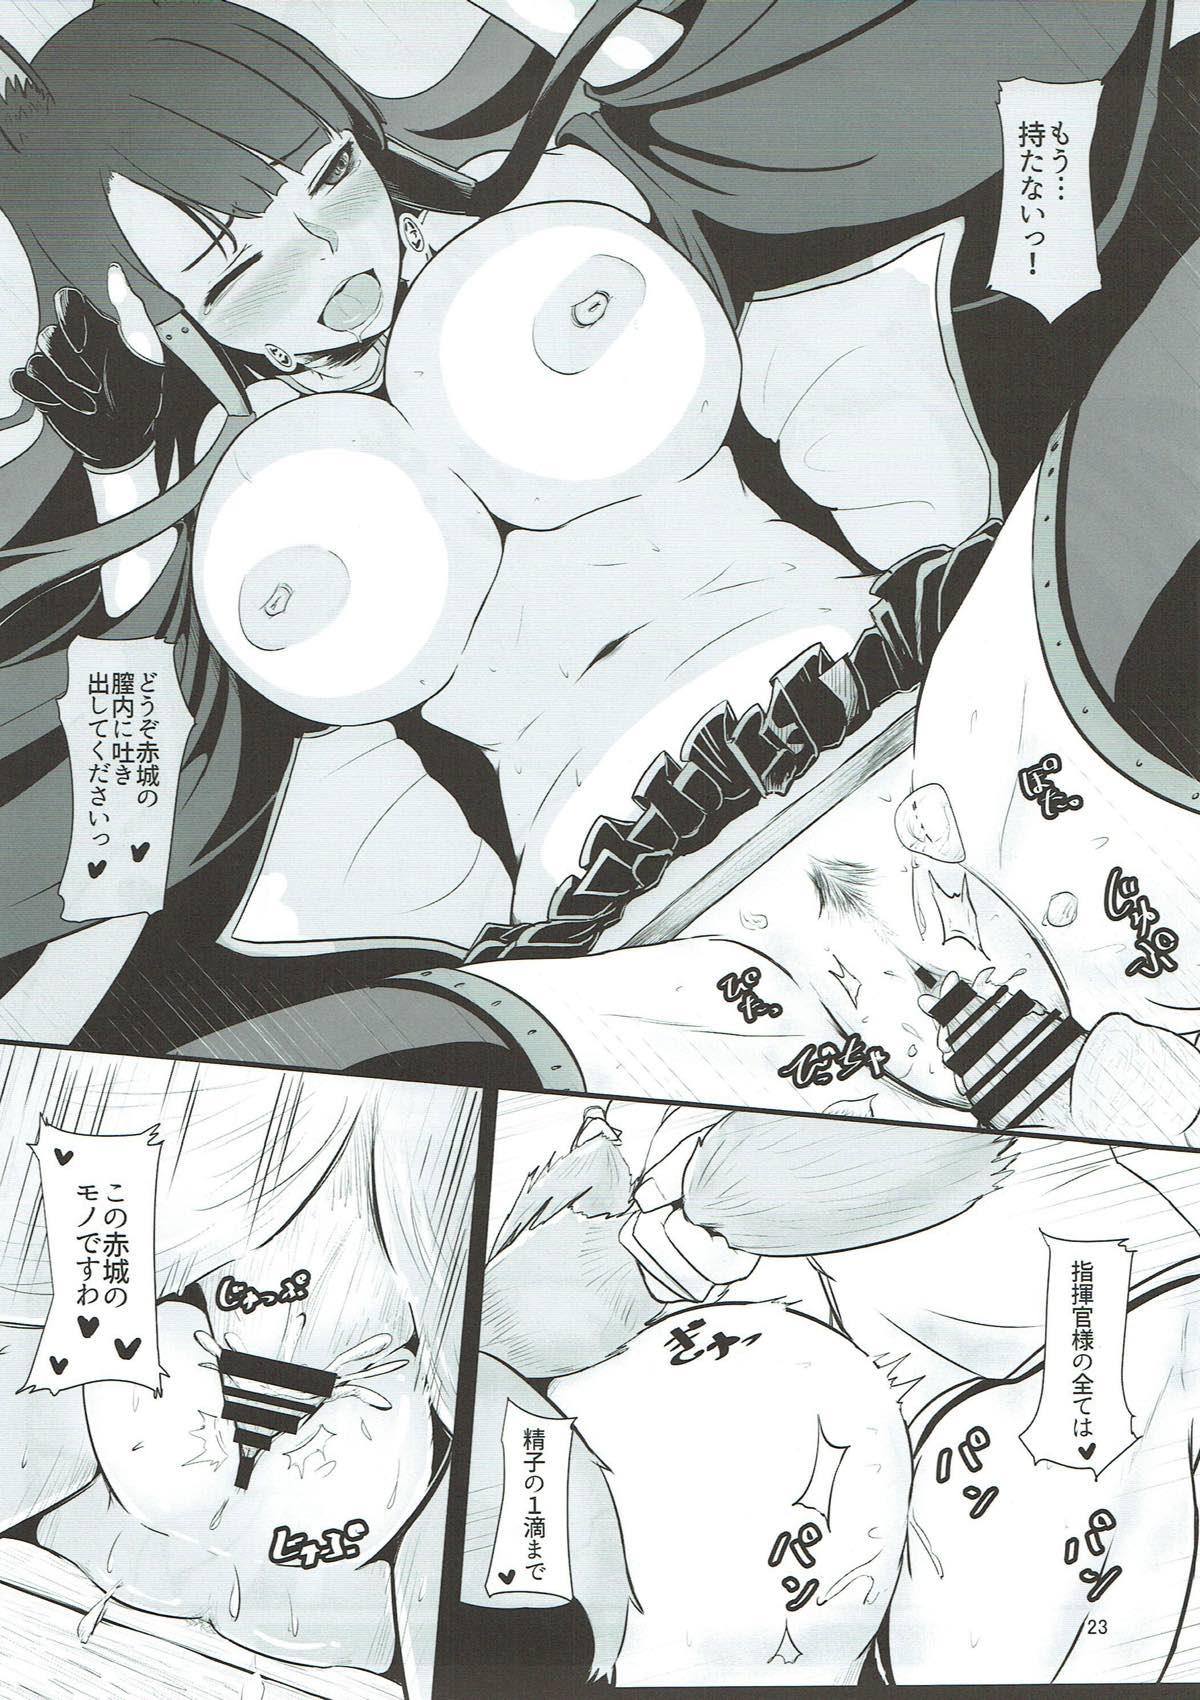 【アズールレーン エロ漫画・エロ同人】女狐赤城の媚薬のような唾液にちんこがちがちにして言質を取られて中出ししちまう指揮官氏wwww (22)